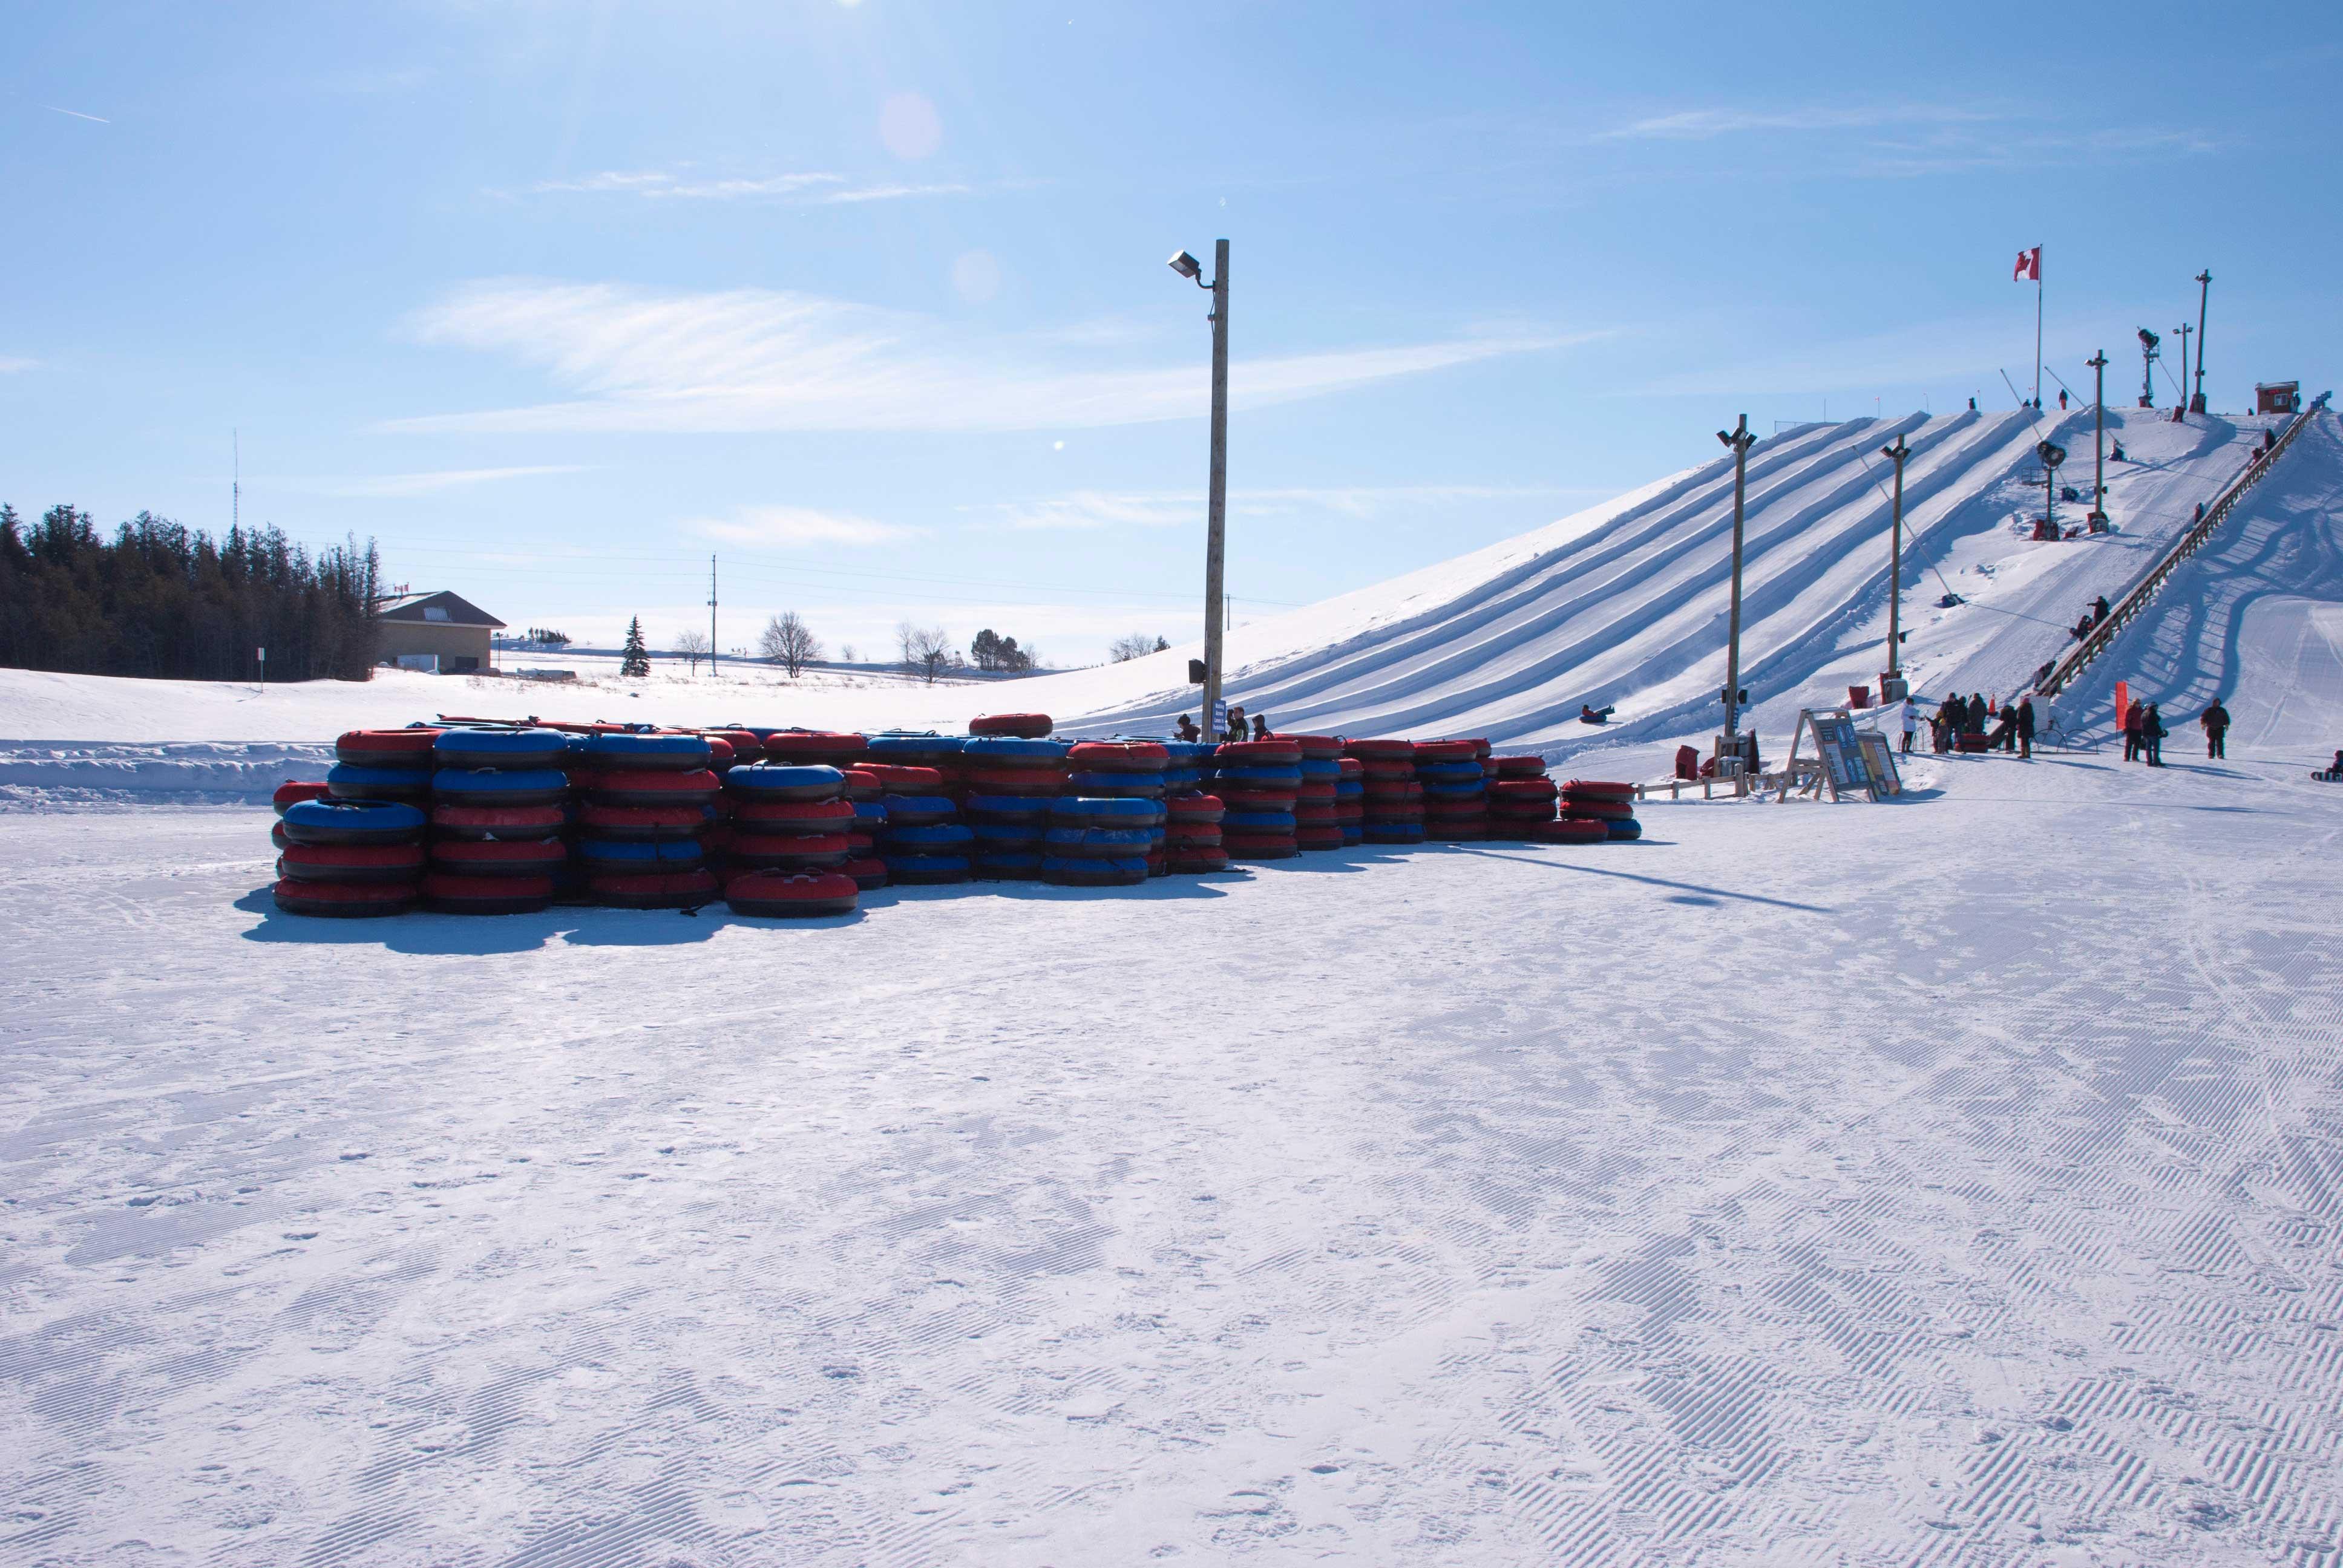 Snow Tubing lanes